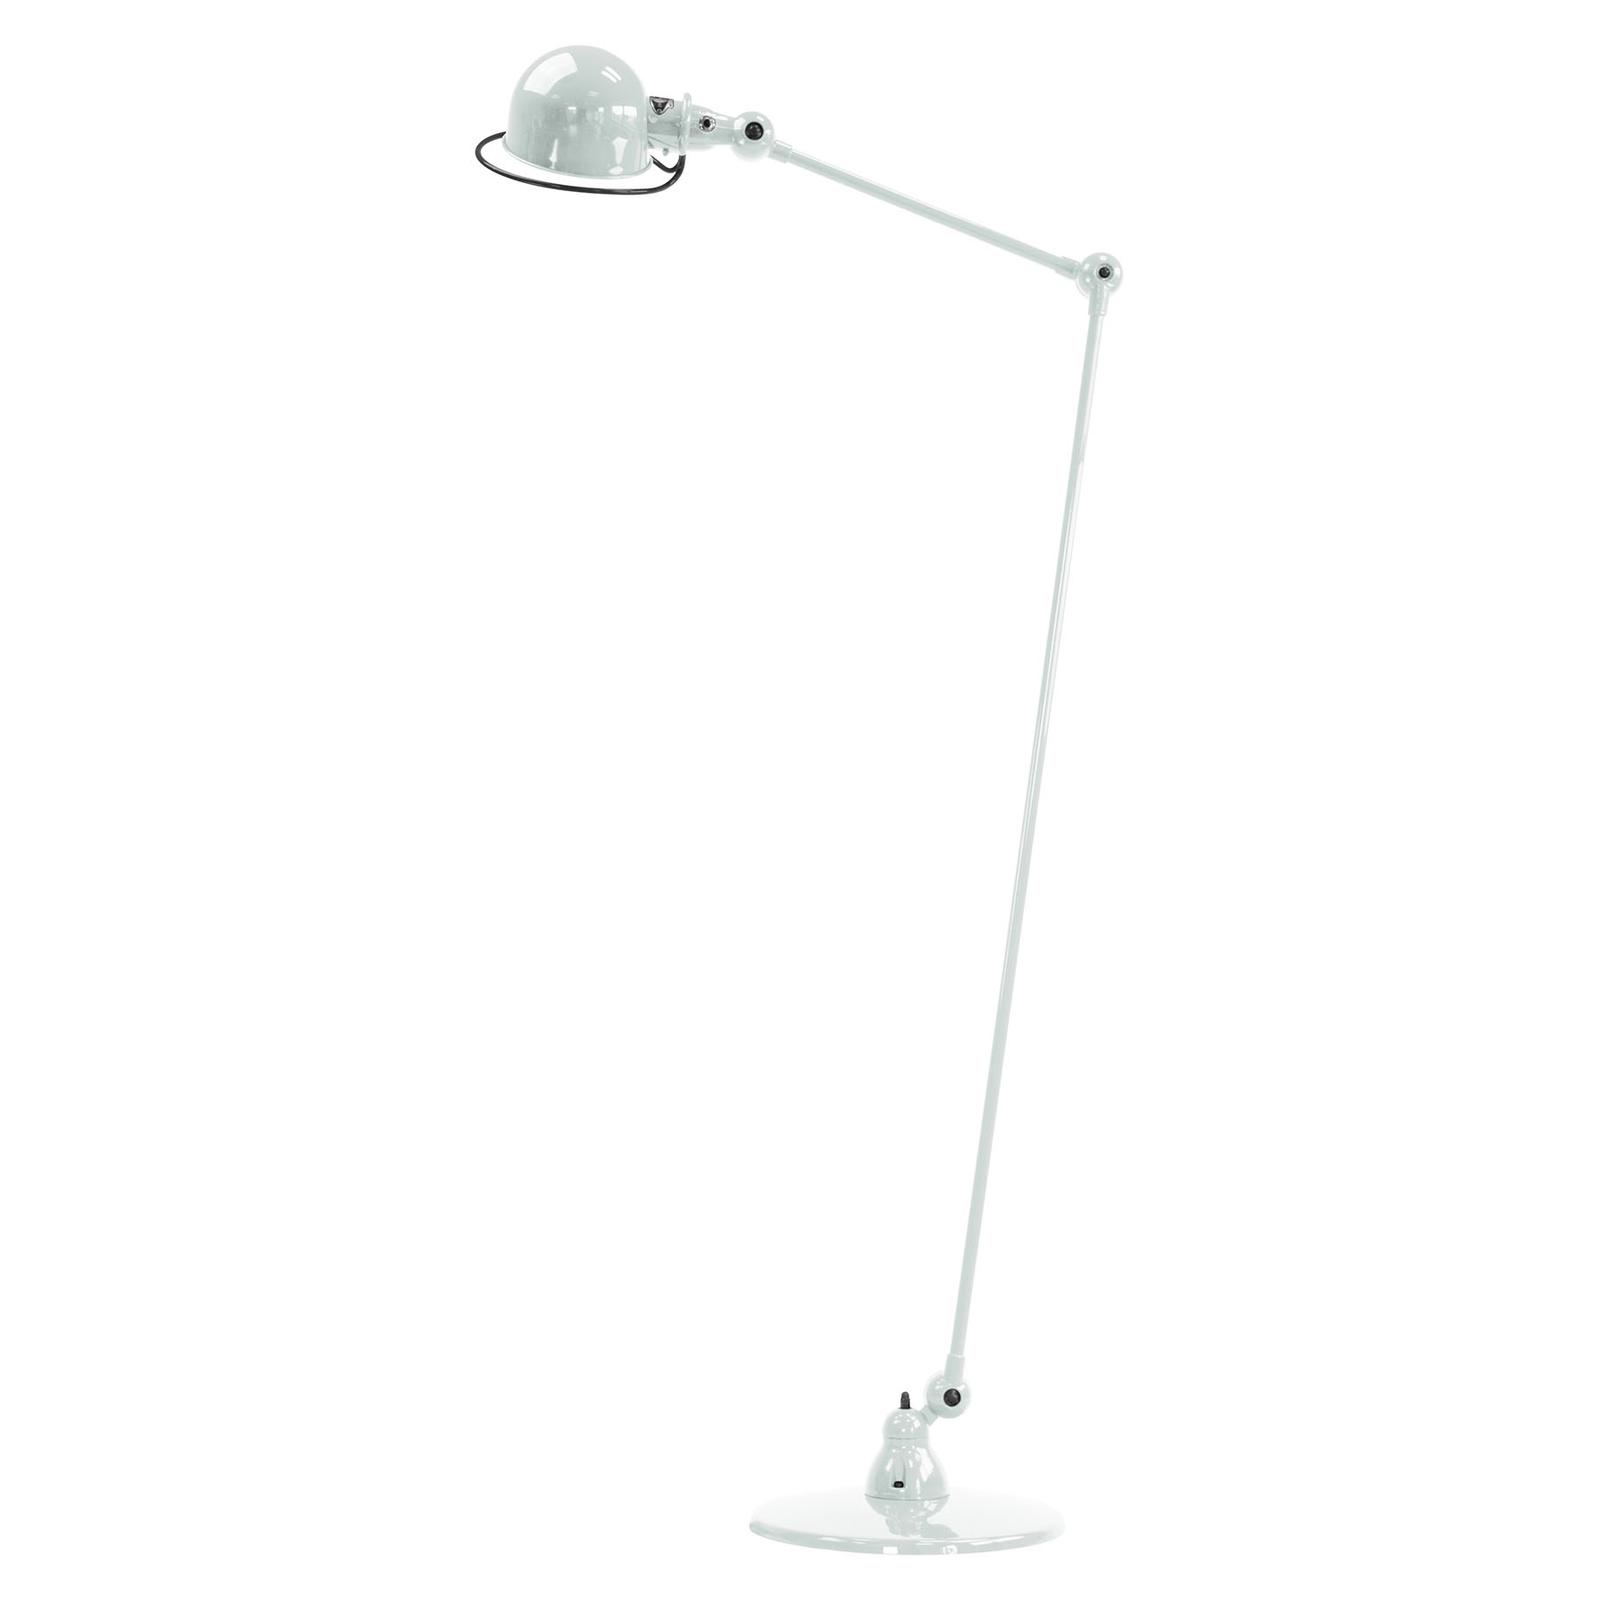 Jieldé Loft D1240 vloerlamp scharnierarm, wit